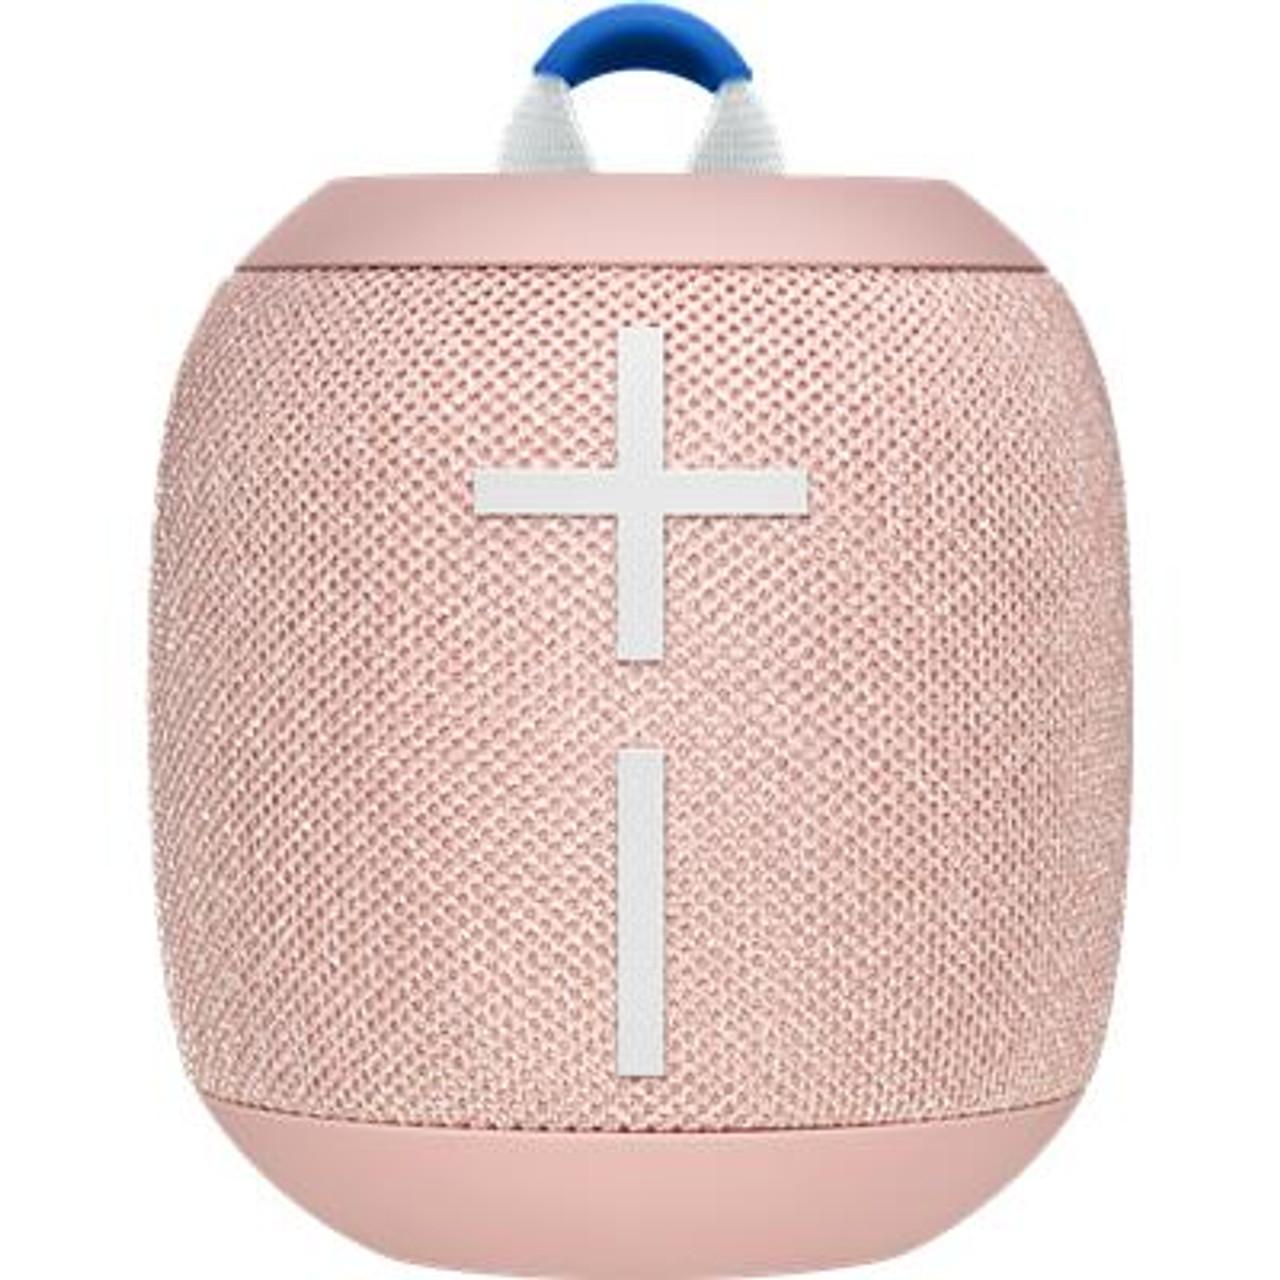 Ultimate Ears UE Wonderboom 10 Portable Bluetooth Speaker Just Peach